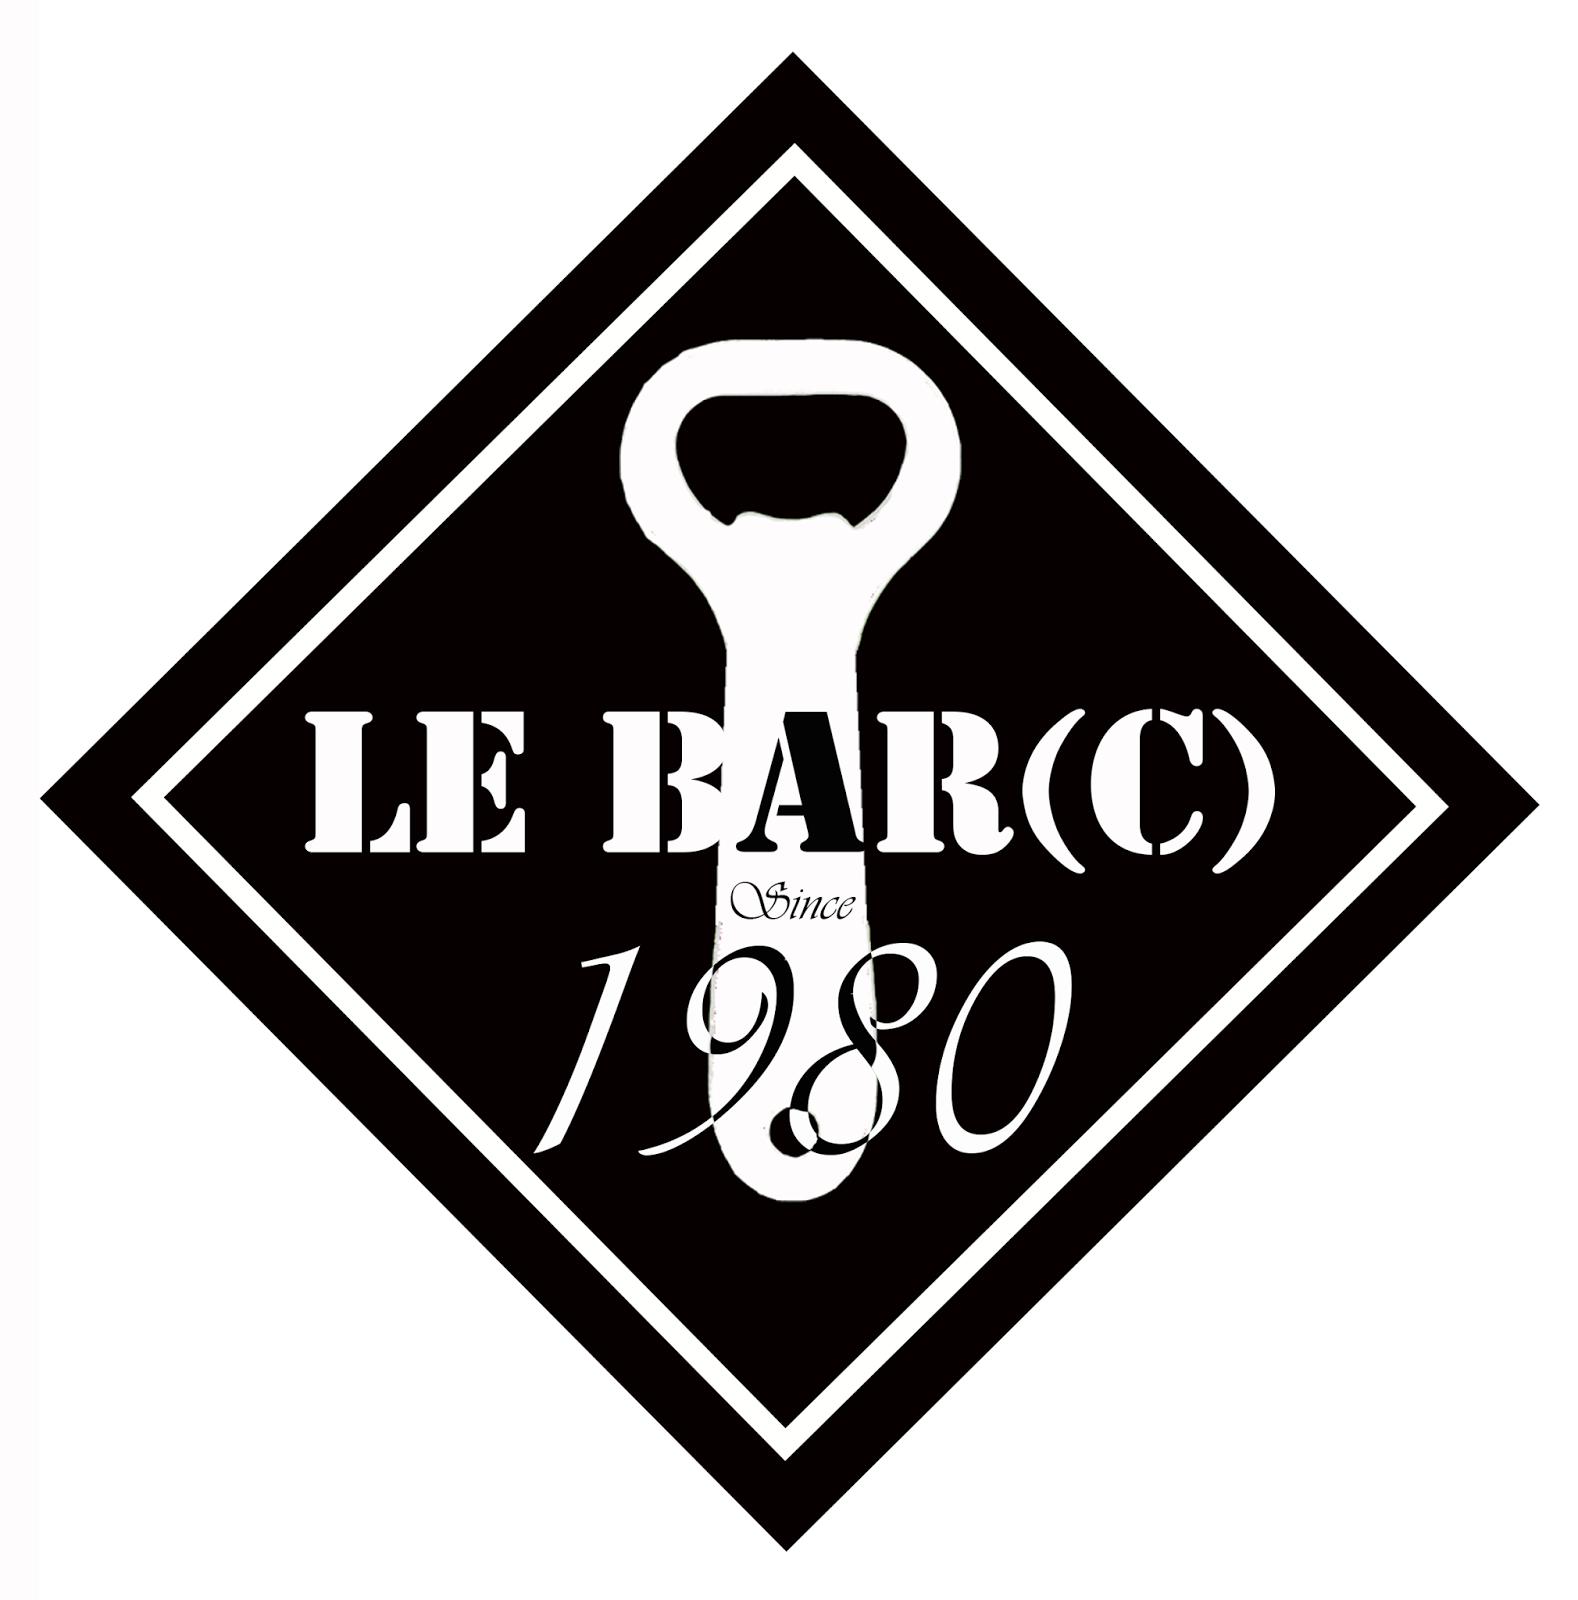 Le Bar(c)